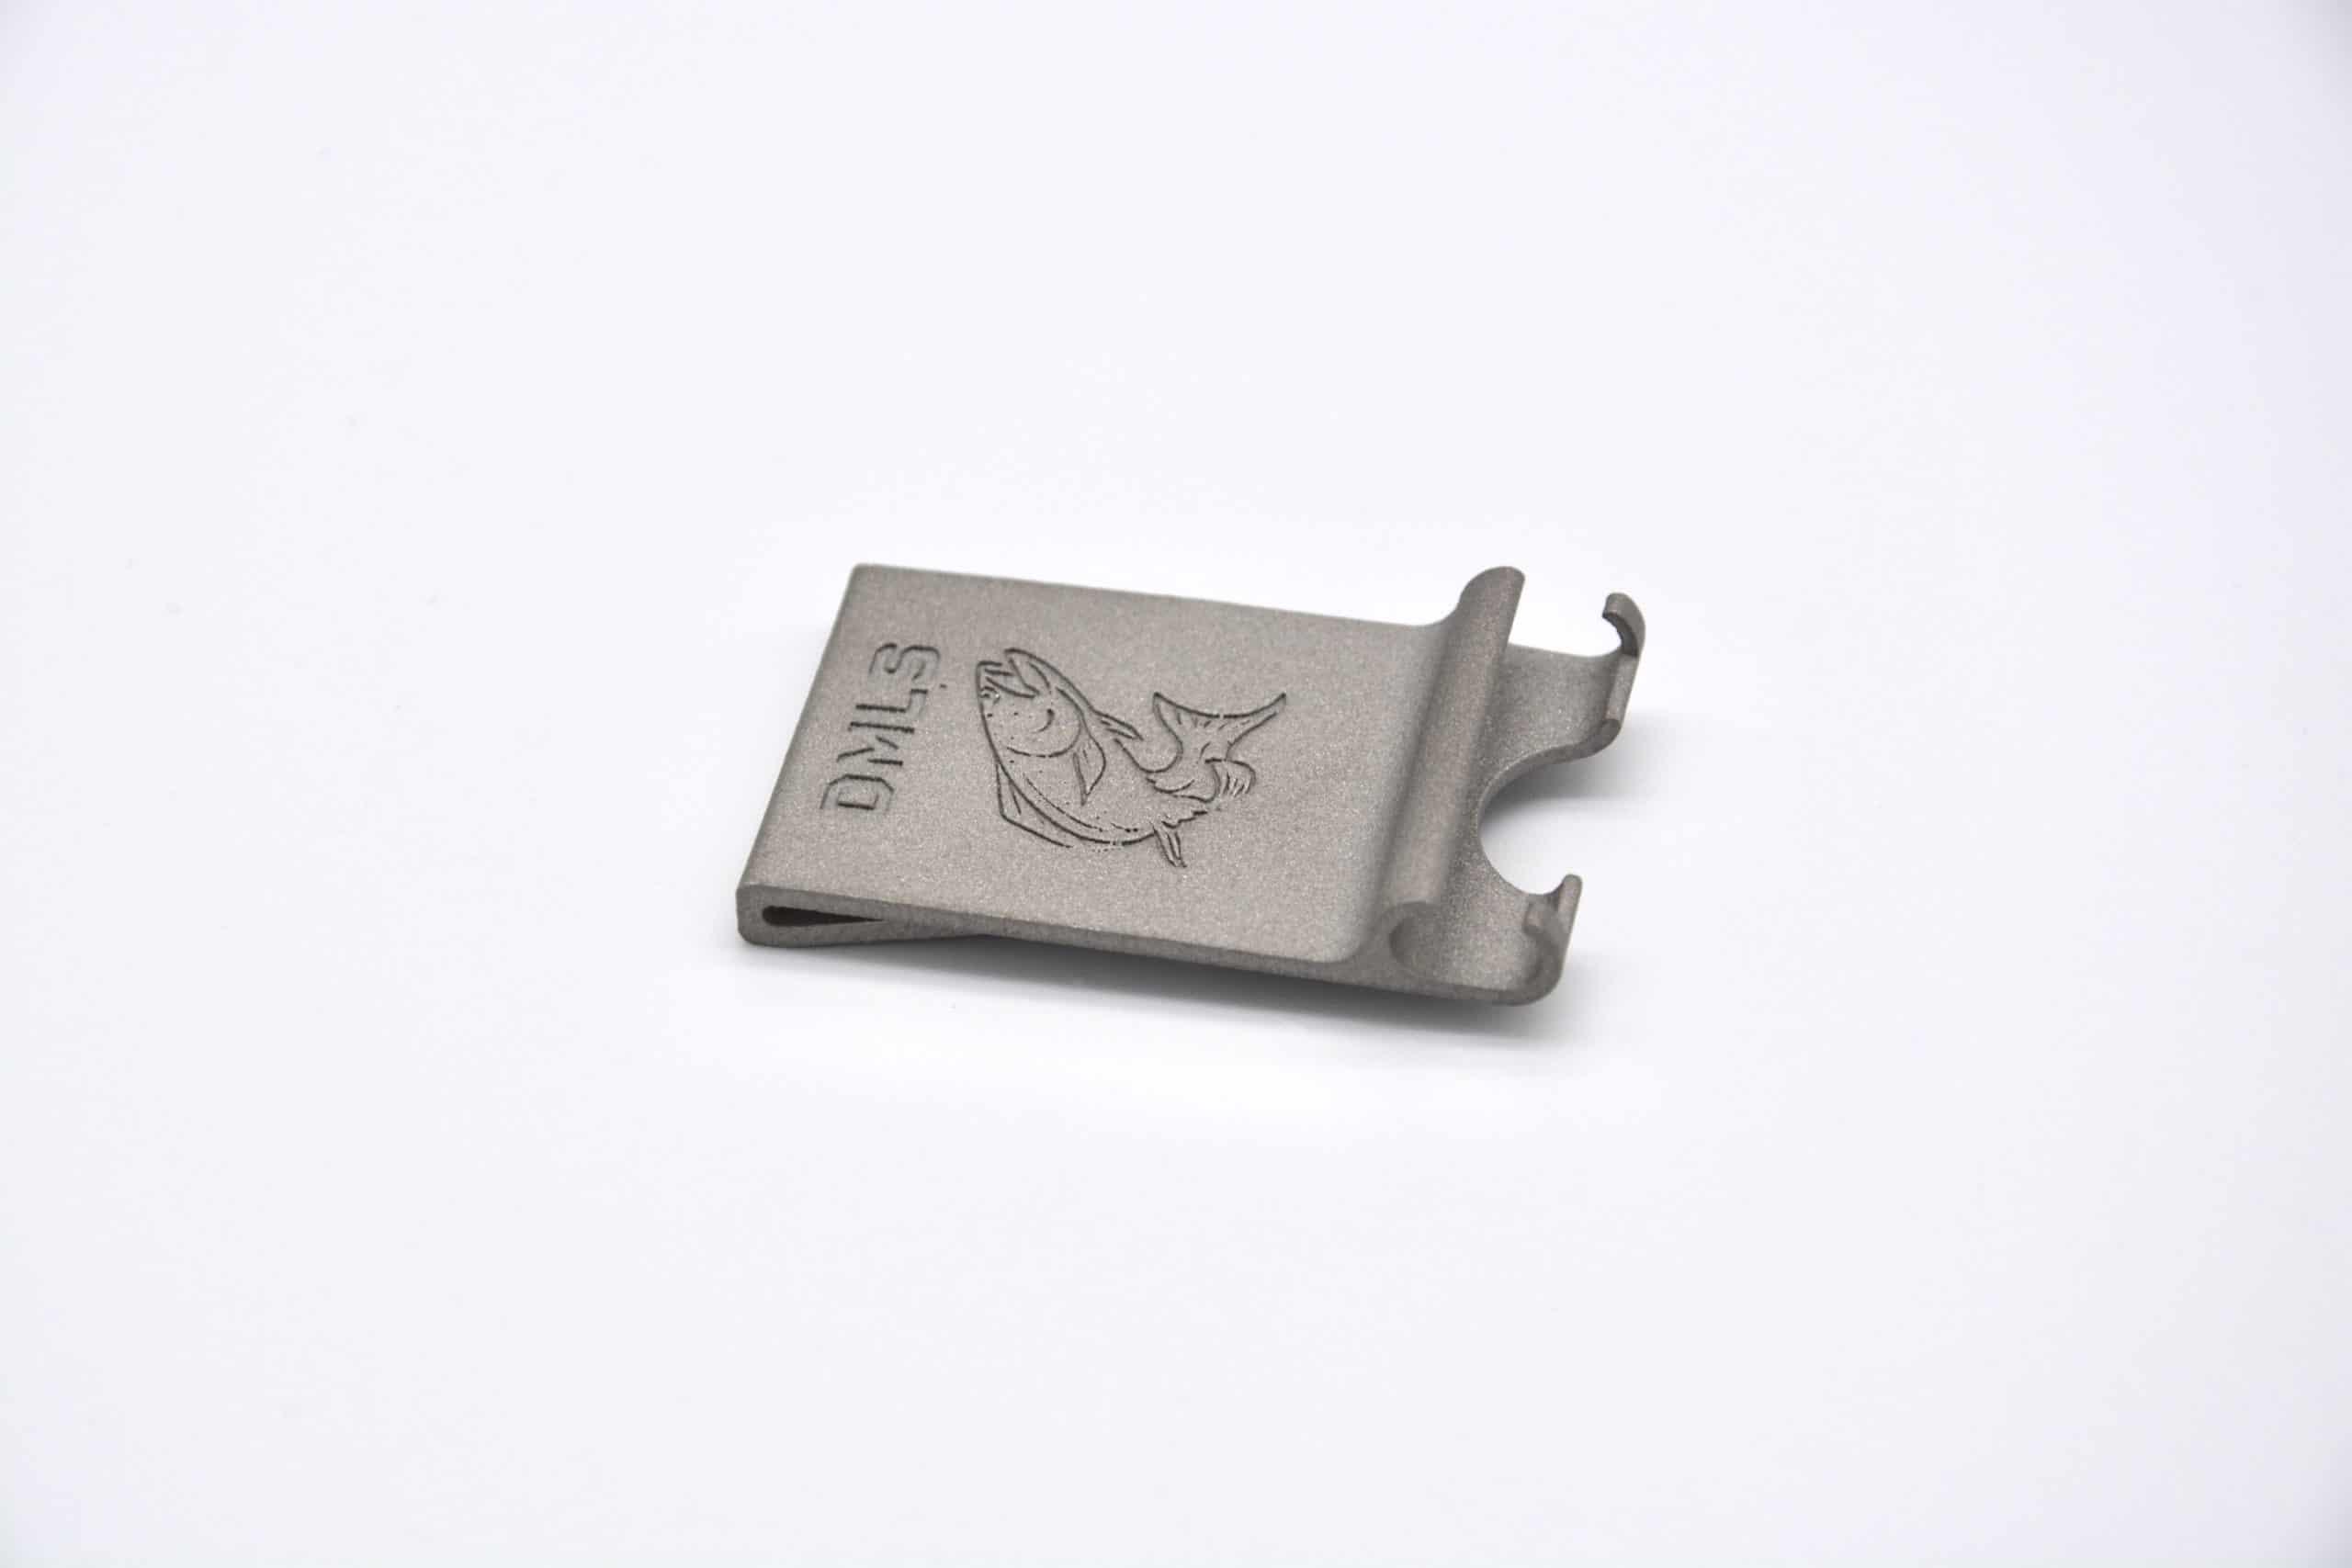 DMLS 3D printed steel part